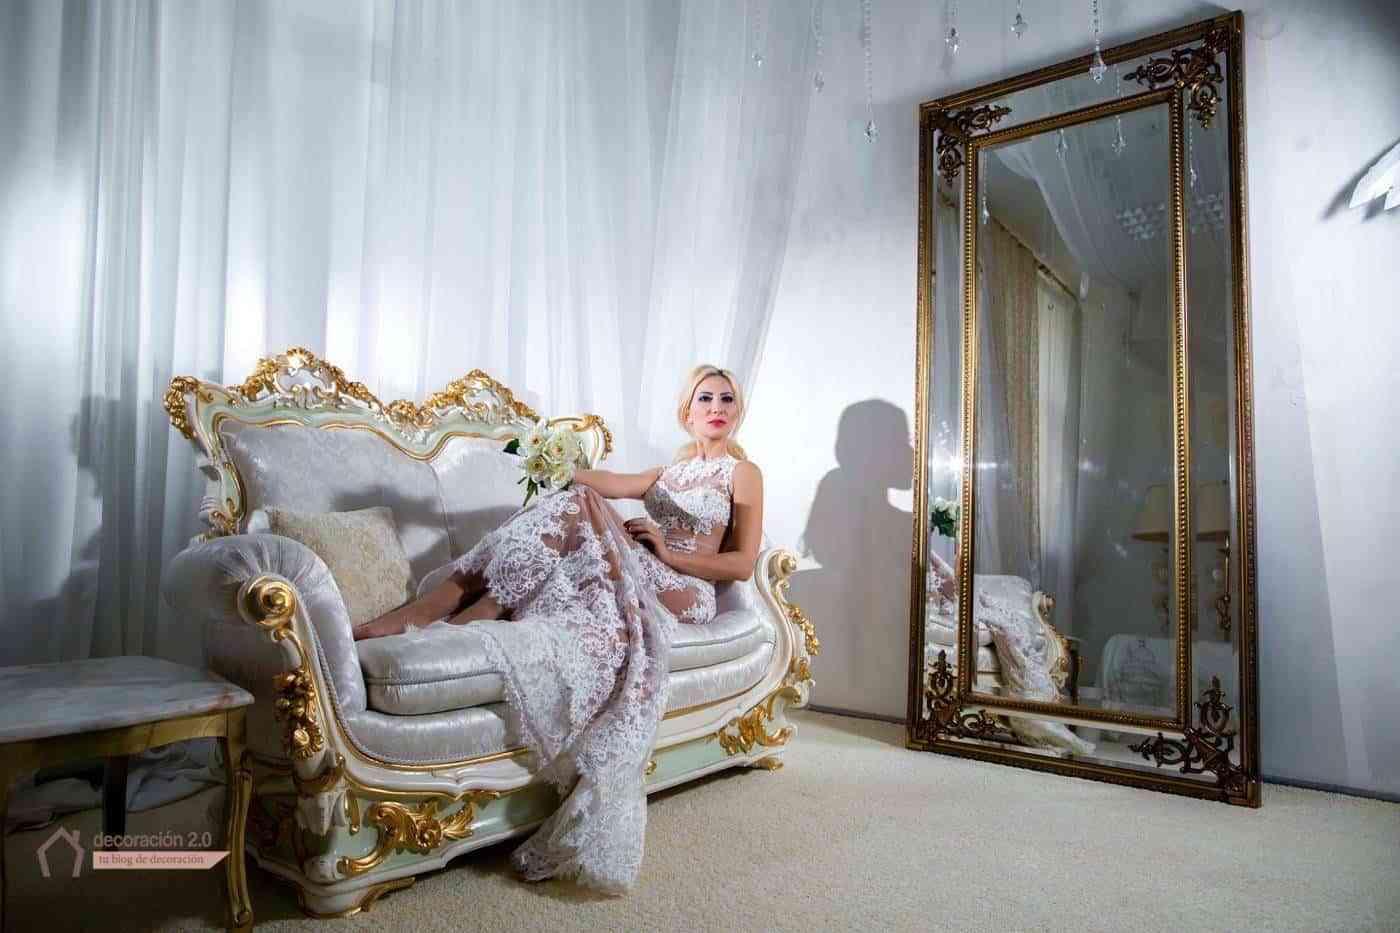 Mujer con un vestido de lujo y espejo